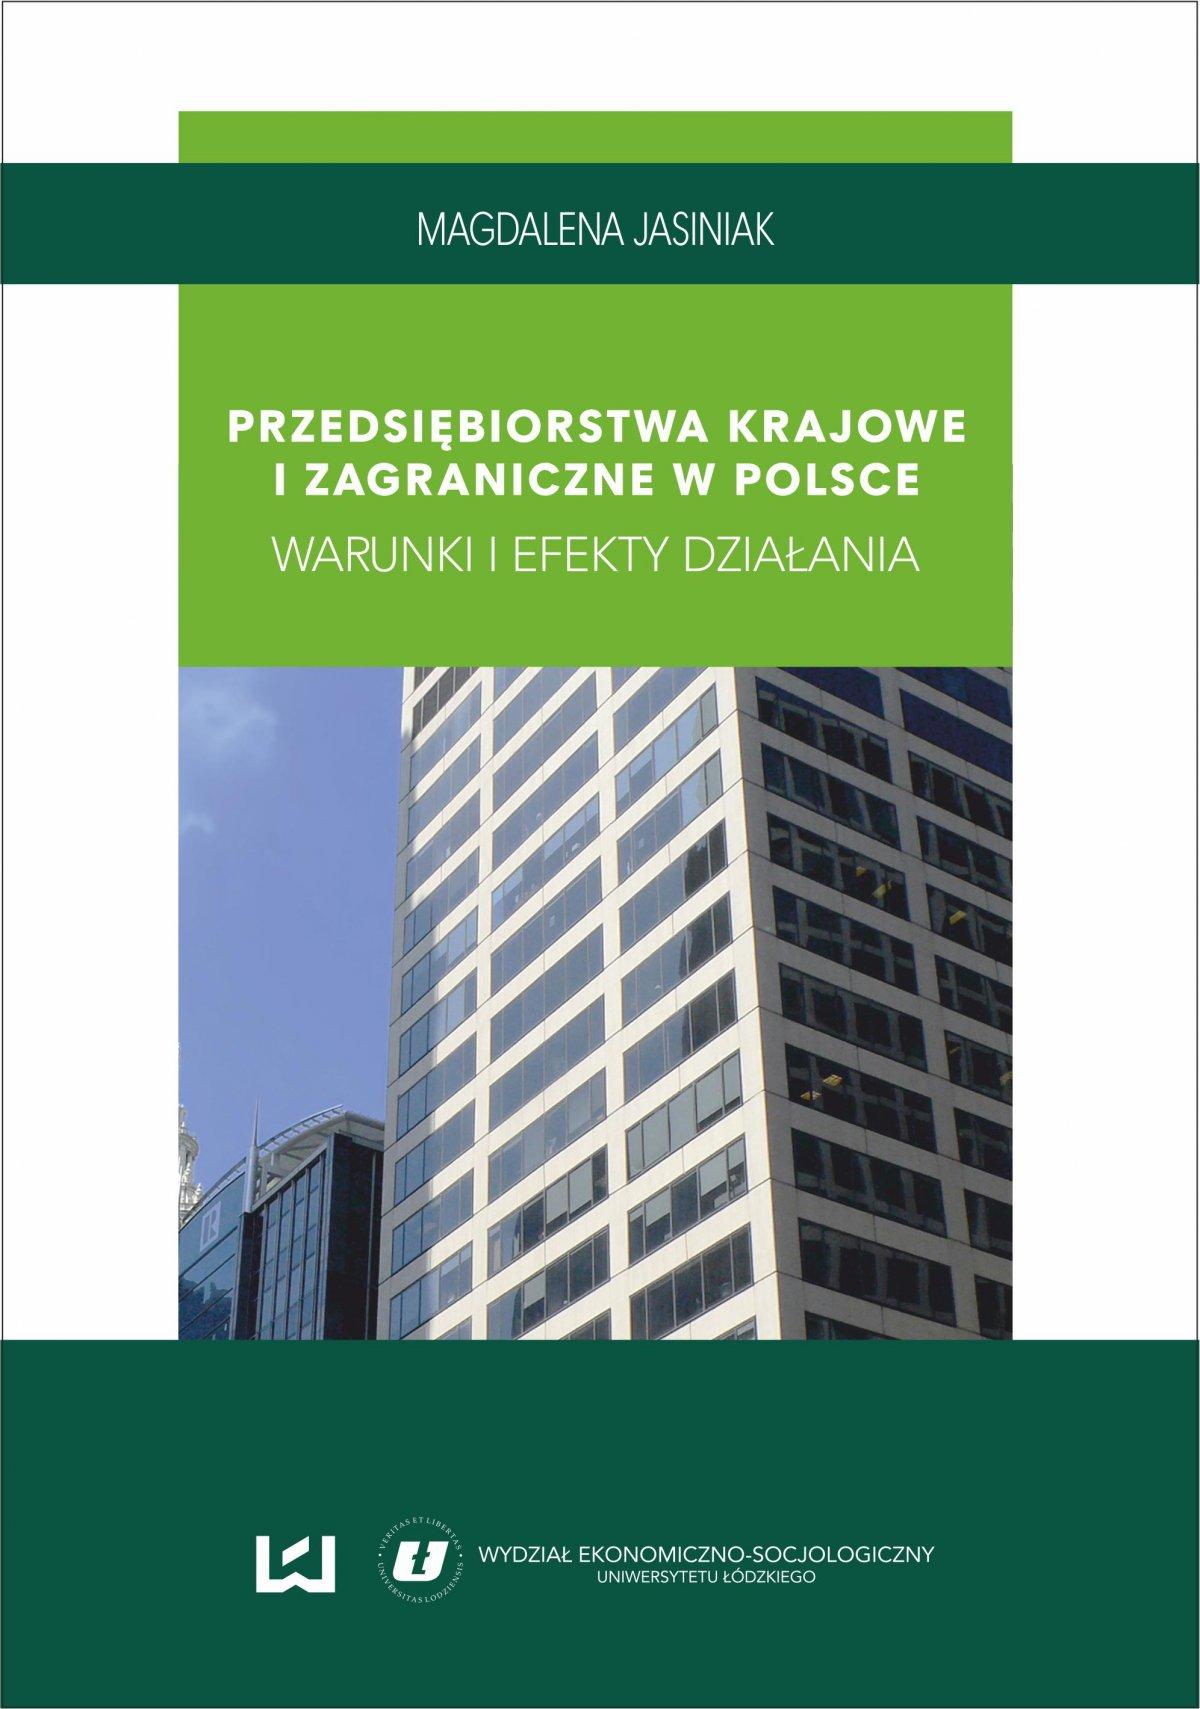 Przedsiębiorstwa krajowe i zagraniczne w Polsce. Warunki i efekty działania - Ebook (Książka PDF) do pobrania w formacie PDF